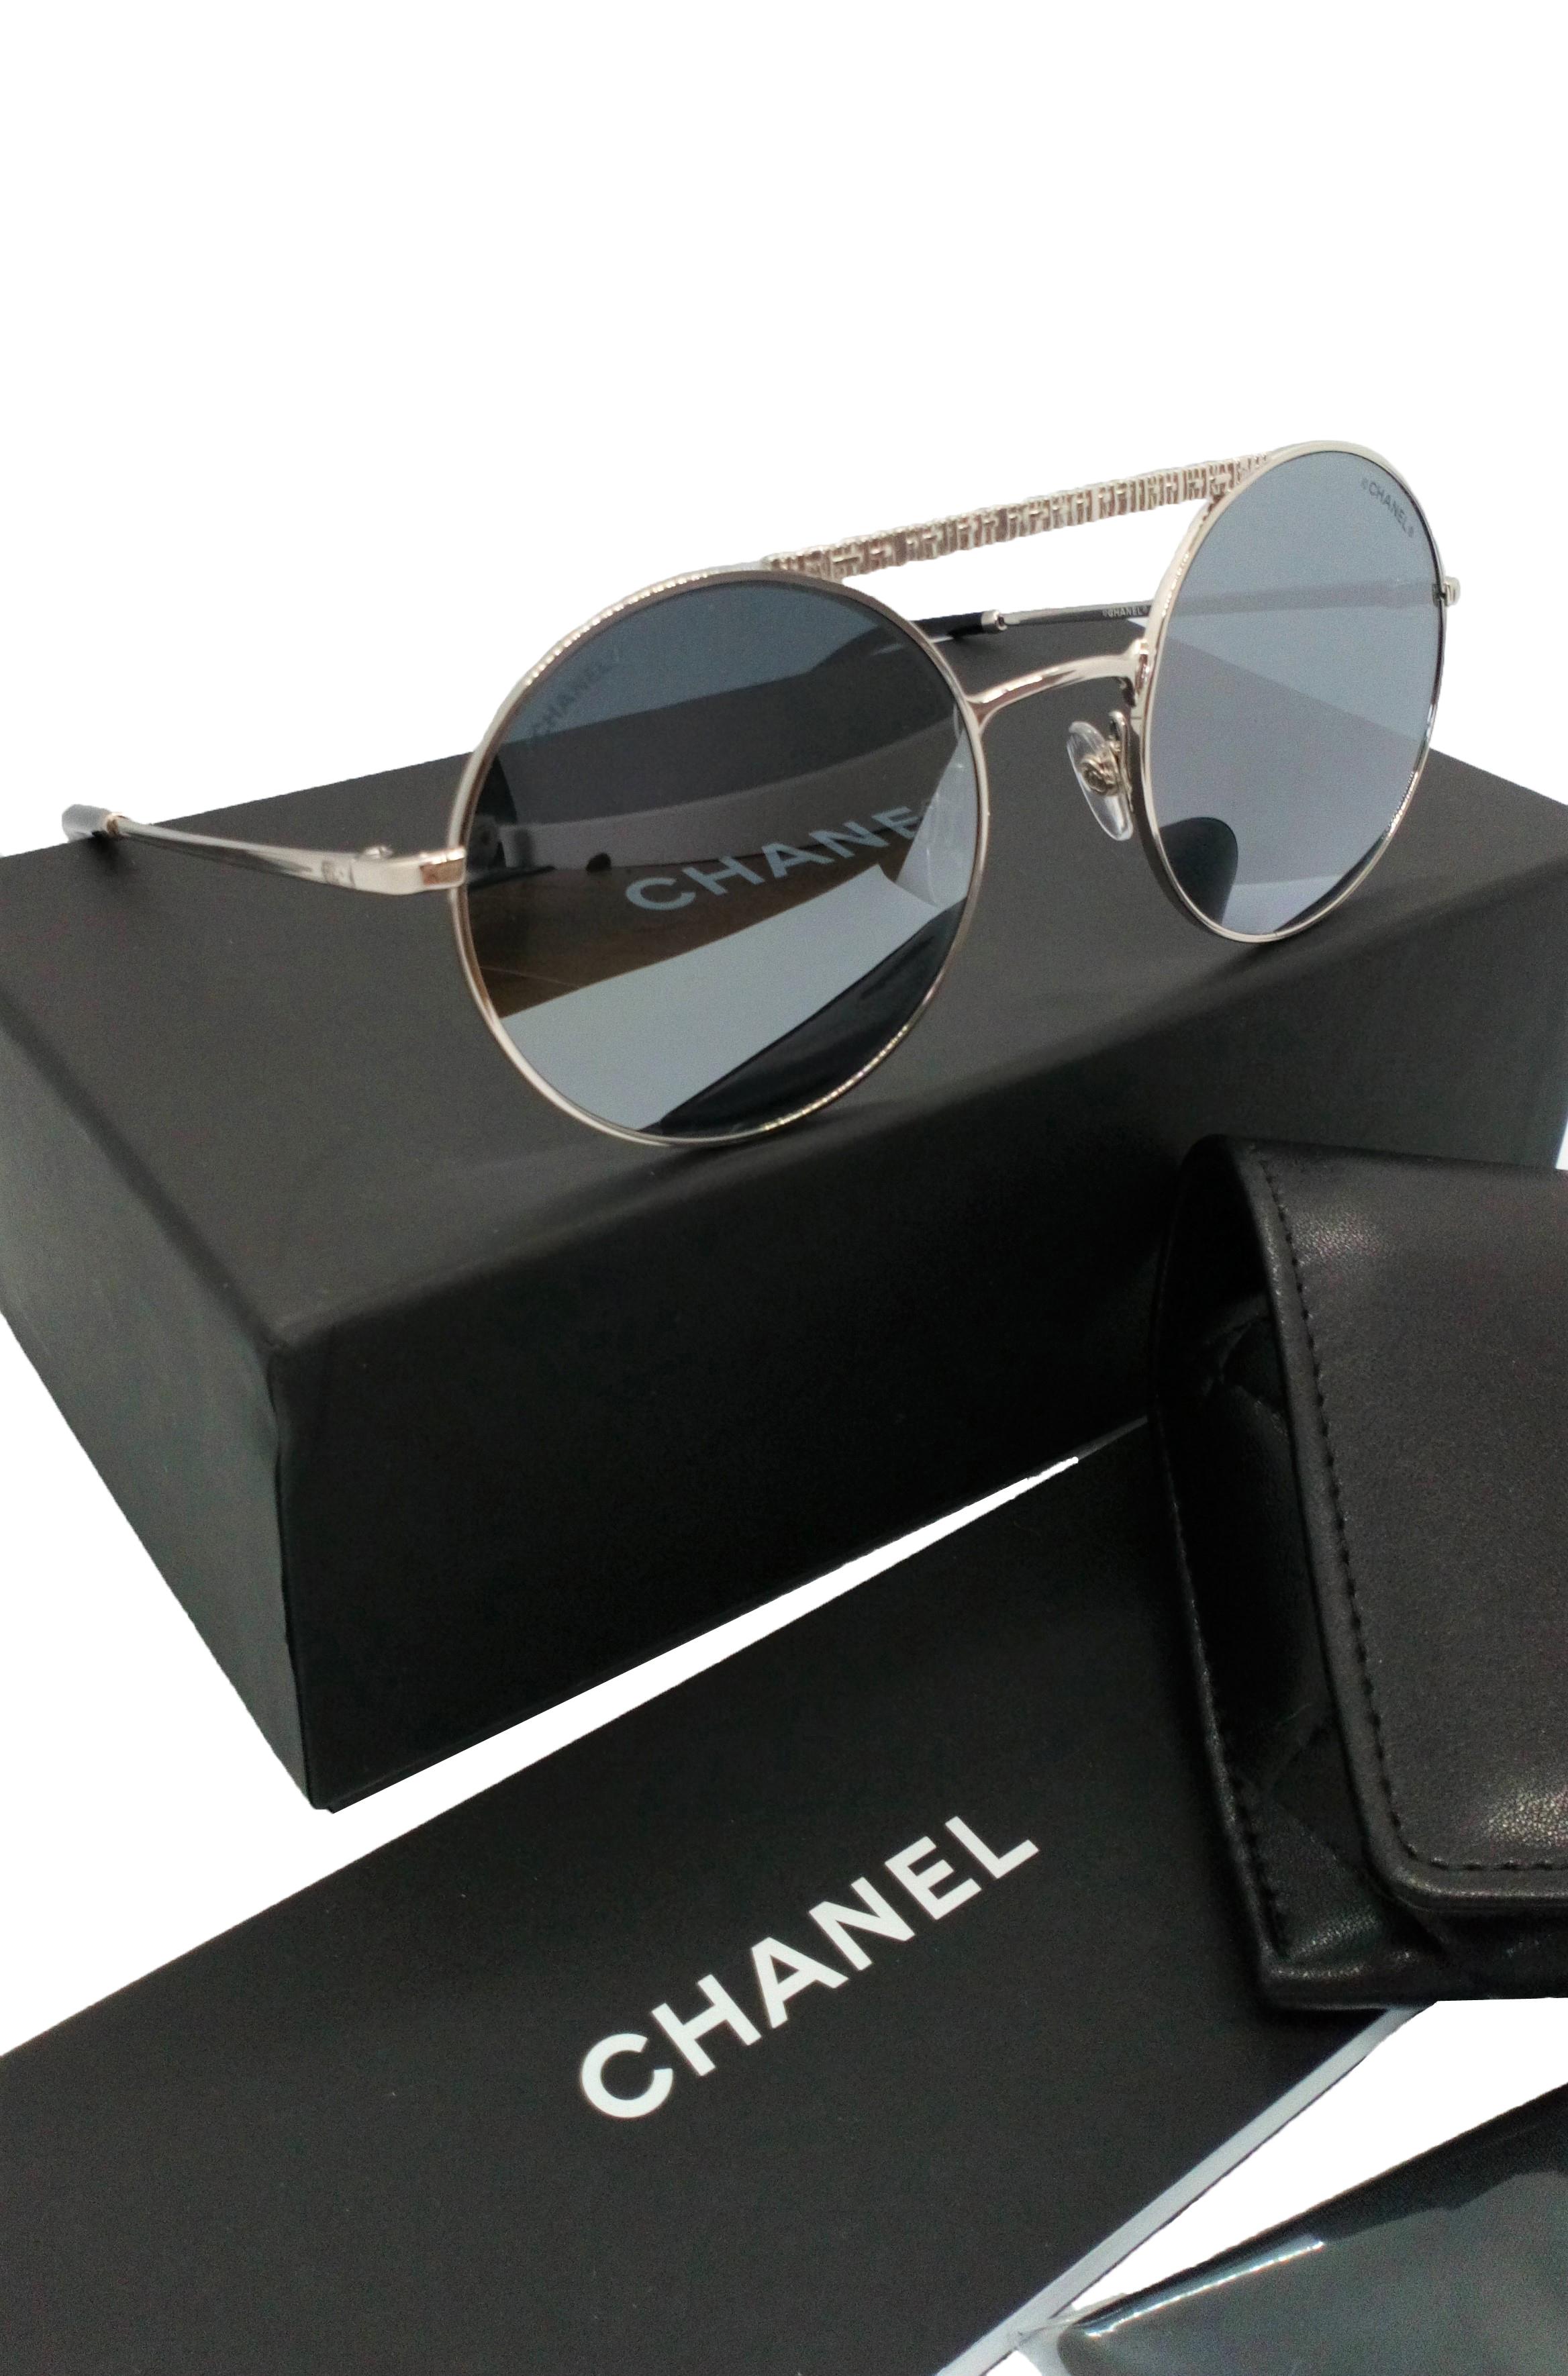 347e93b9 Chanel Round Mirrored Sunglasses